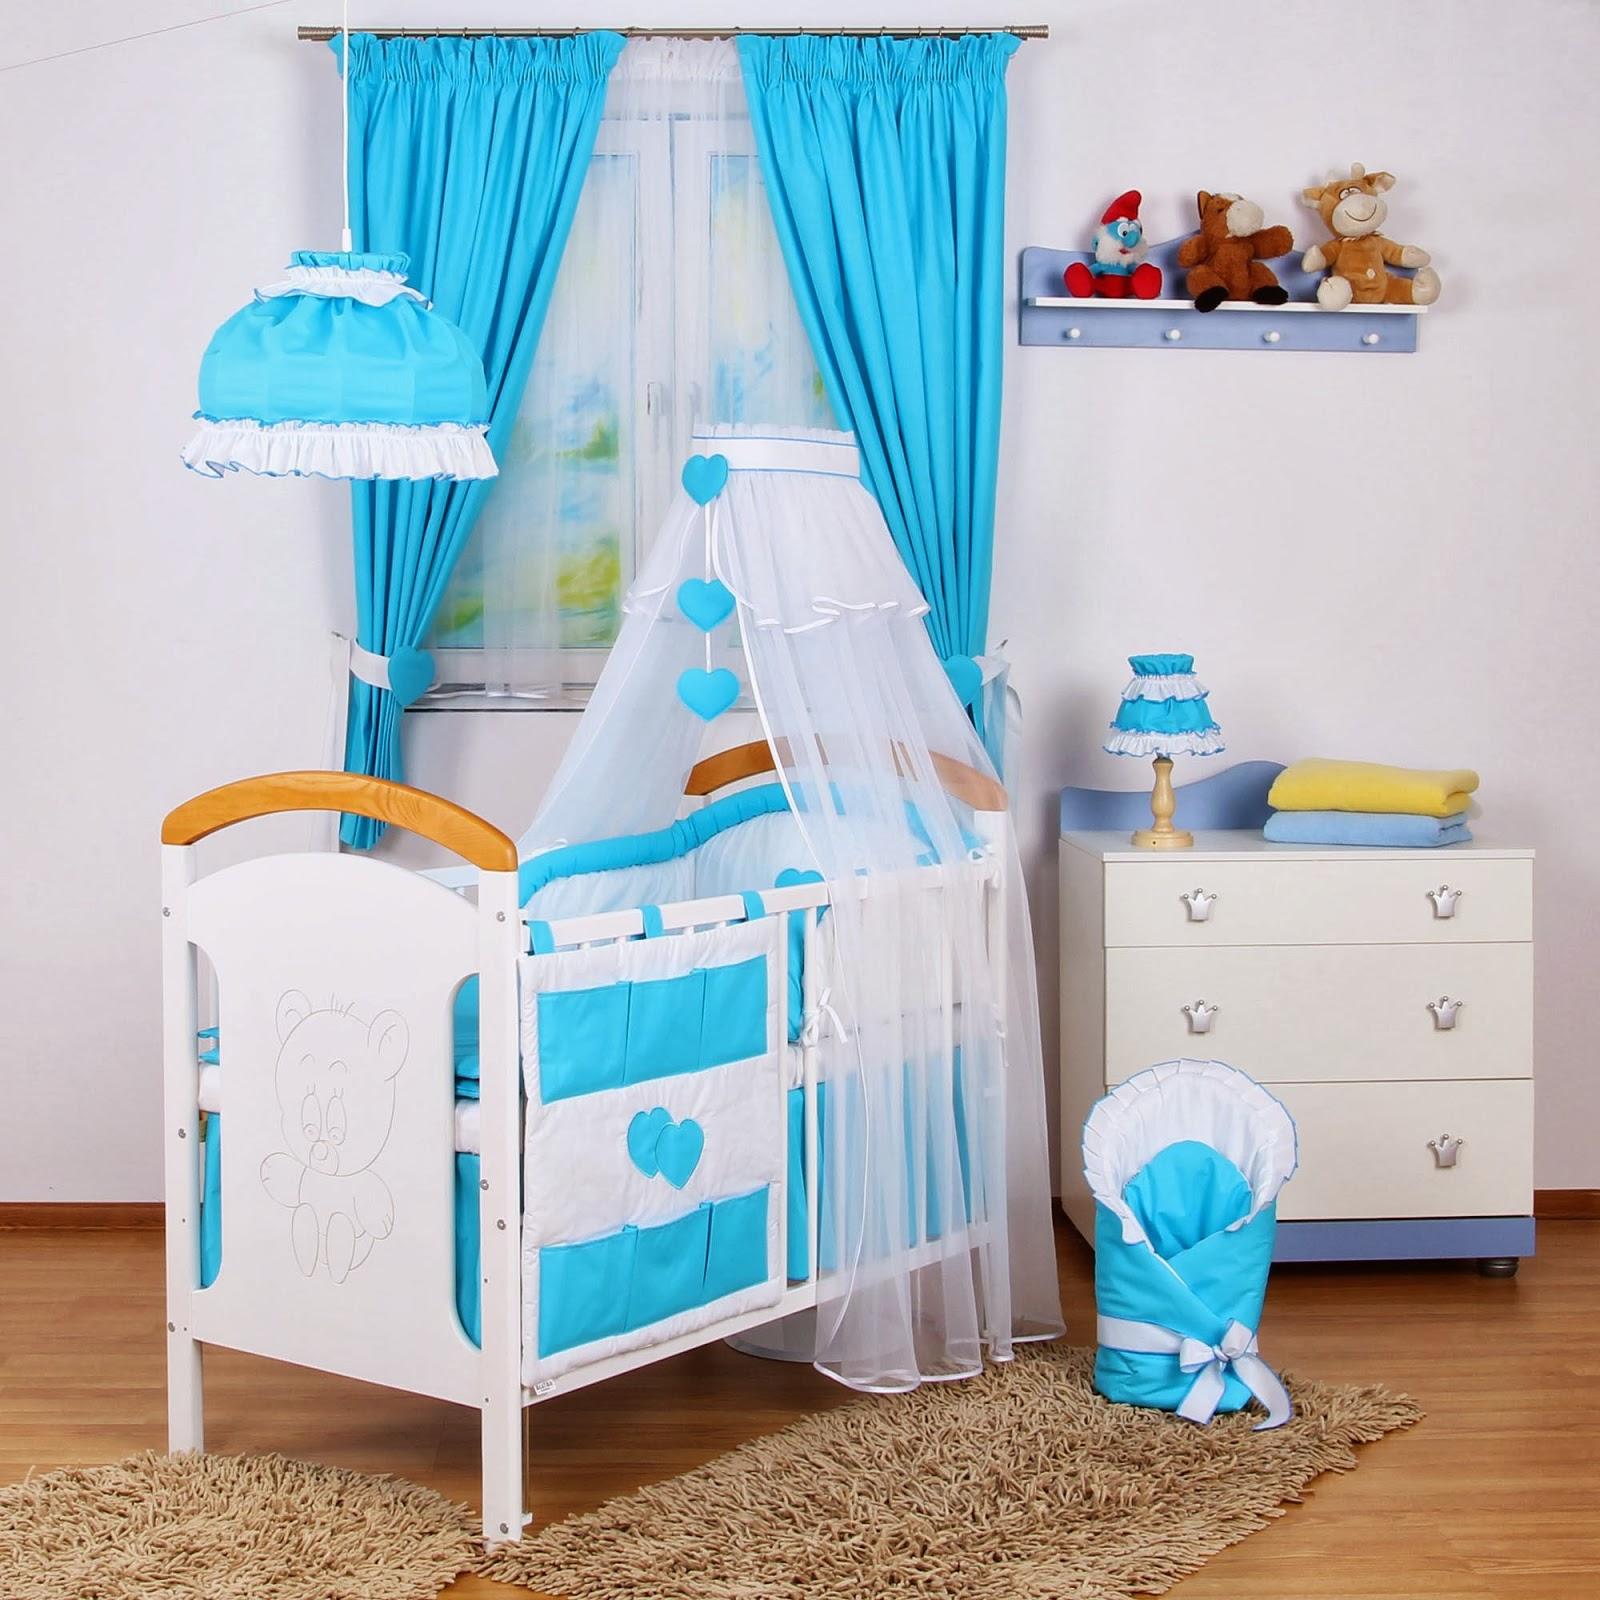 Dormitorios para beb en blanco y turquesa dormitorios - Cortina para cuarto de bebe ...